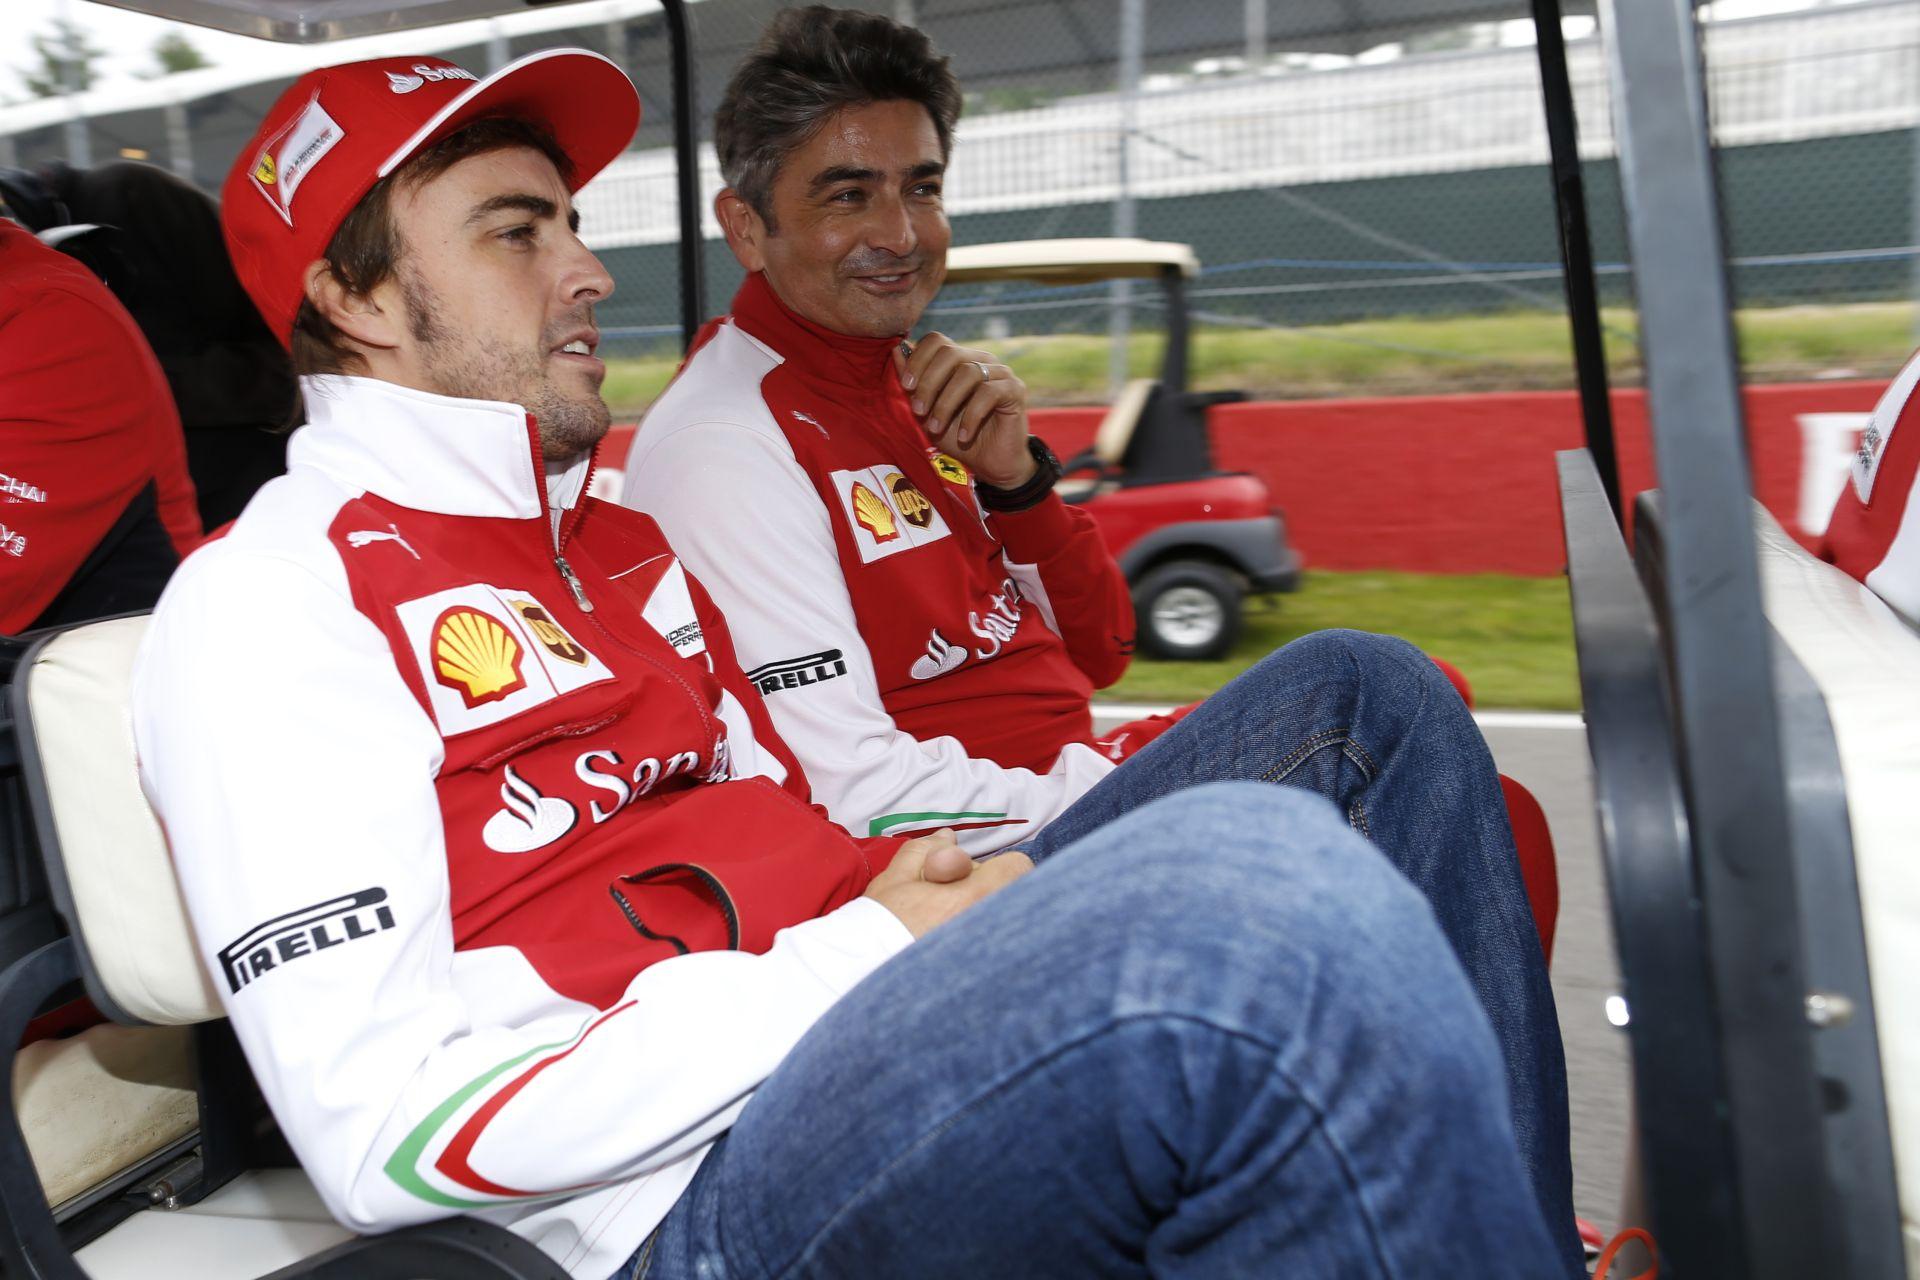 Ferrari: Tisztában vagyunk vele, hogy ez kevés, de folyamatosan dolgozunk